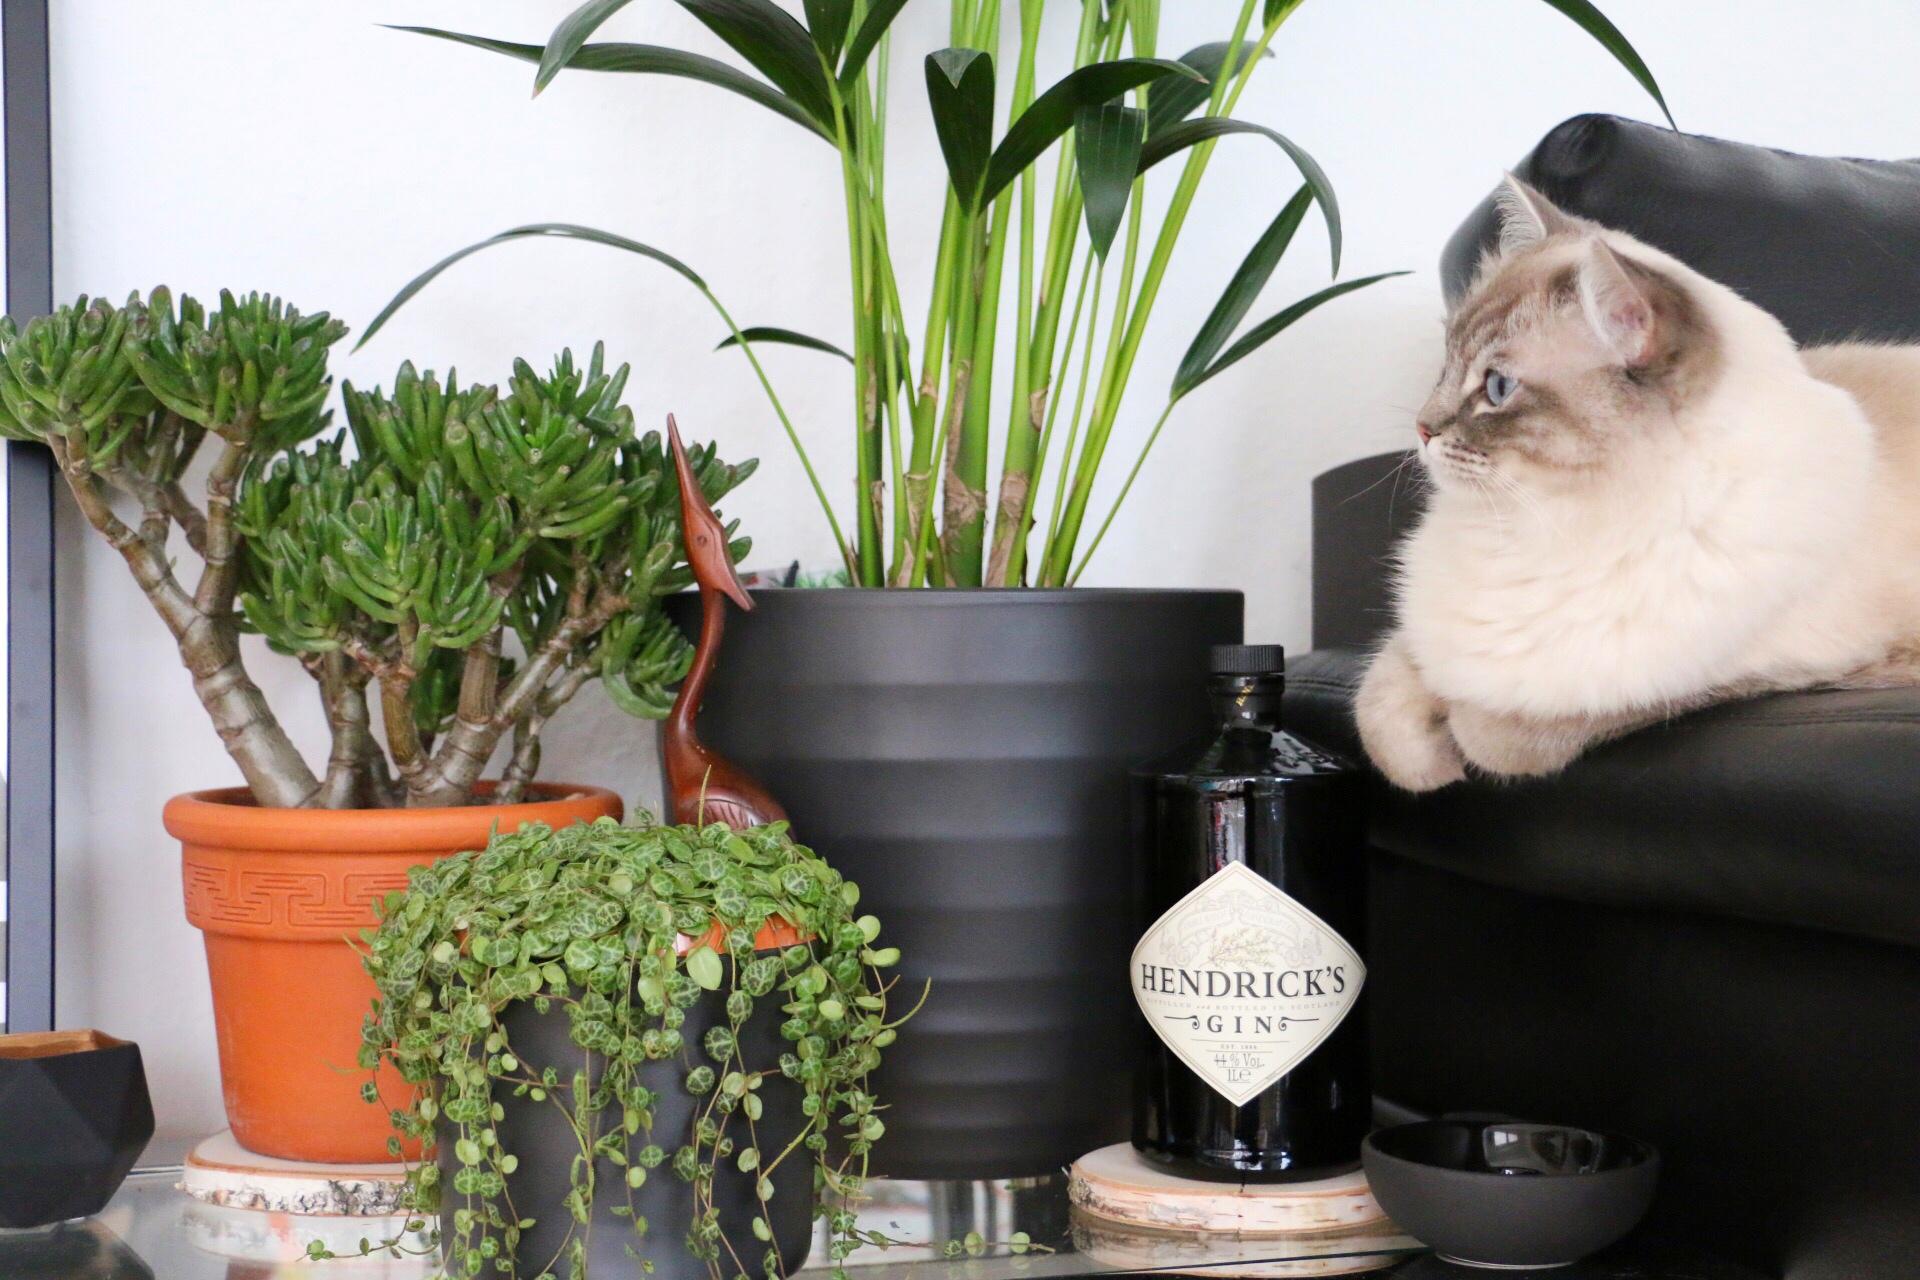 Cats & Plants - Katzen und die grüne Versuchung